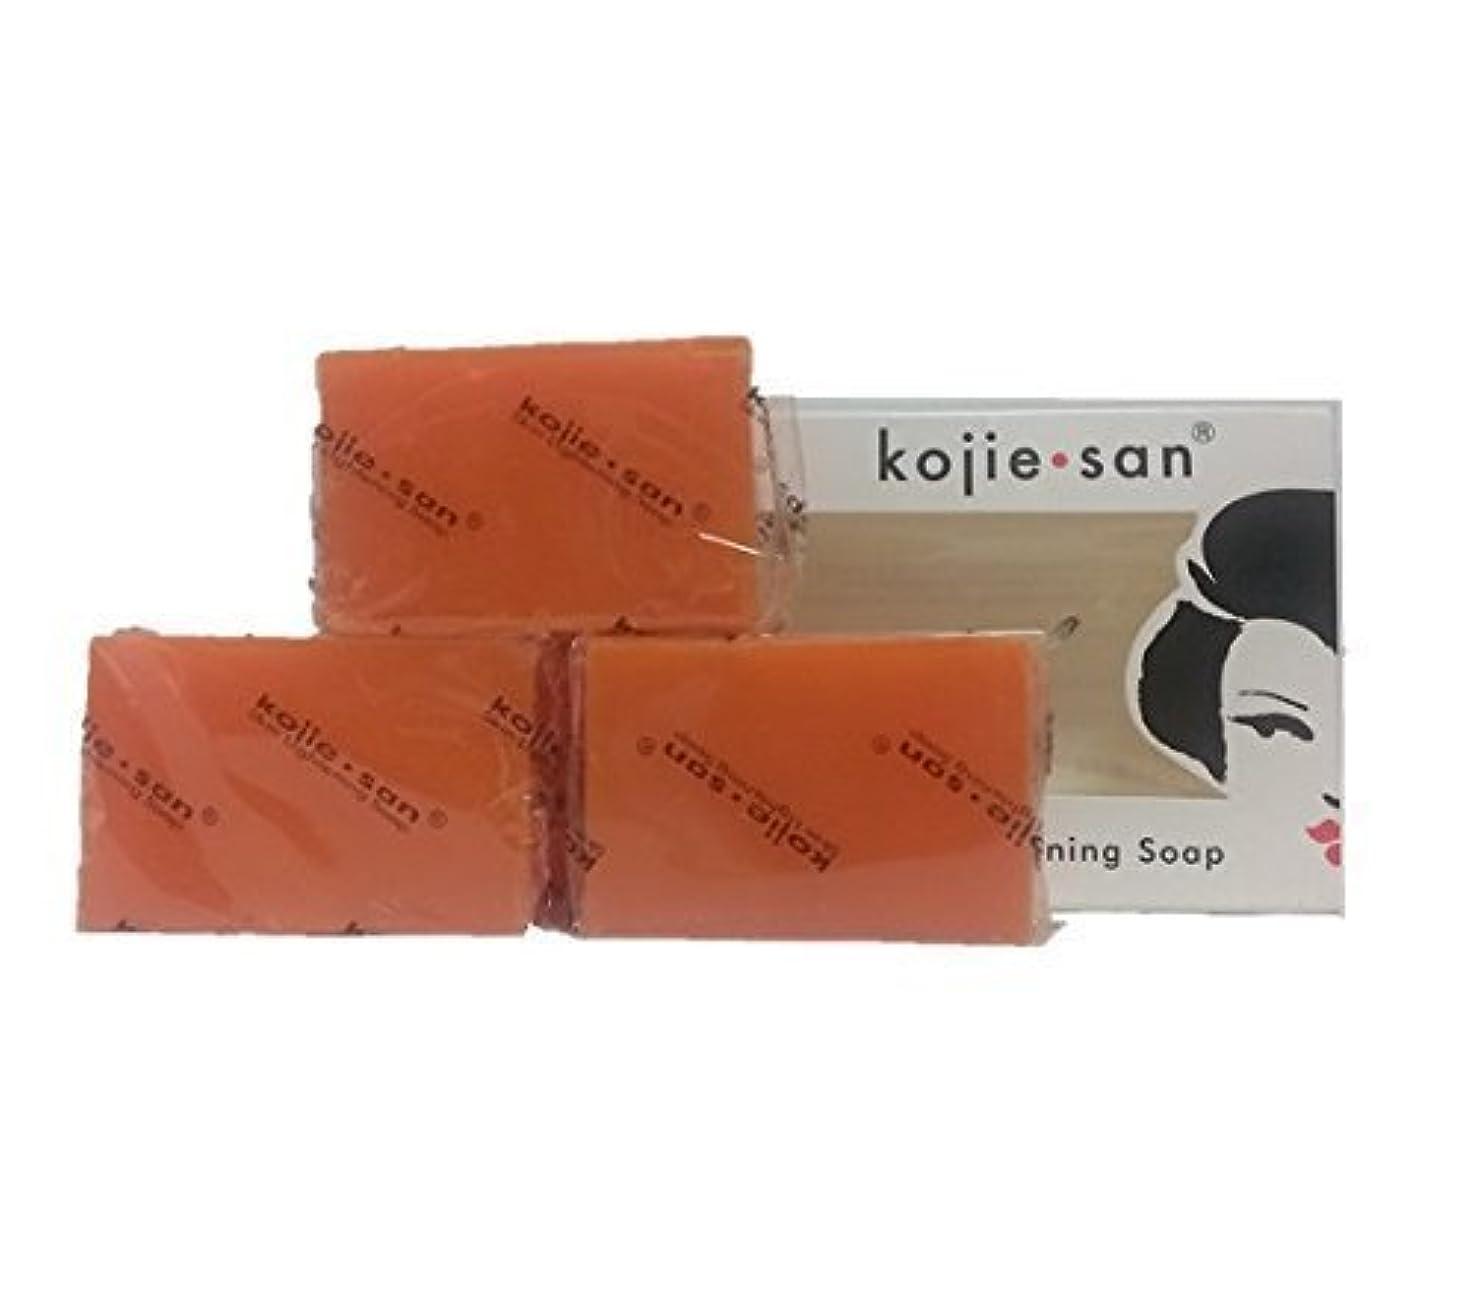 レイプカリキュラムミリメーターKojie san Skin Lightning Soap 3 pcs こじえさんスキンライトニングソープ3個パック [並行輸入品]